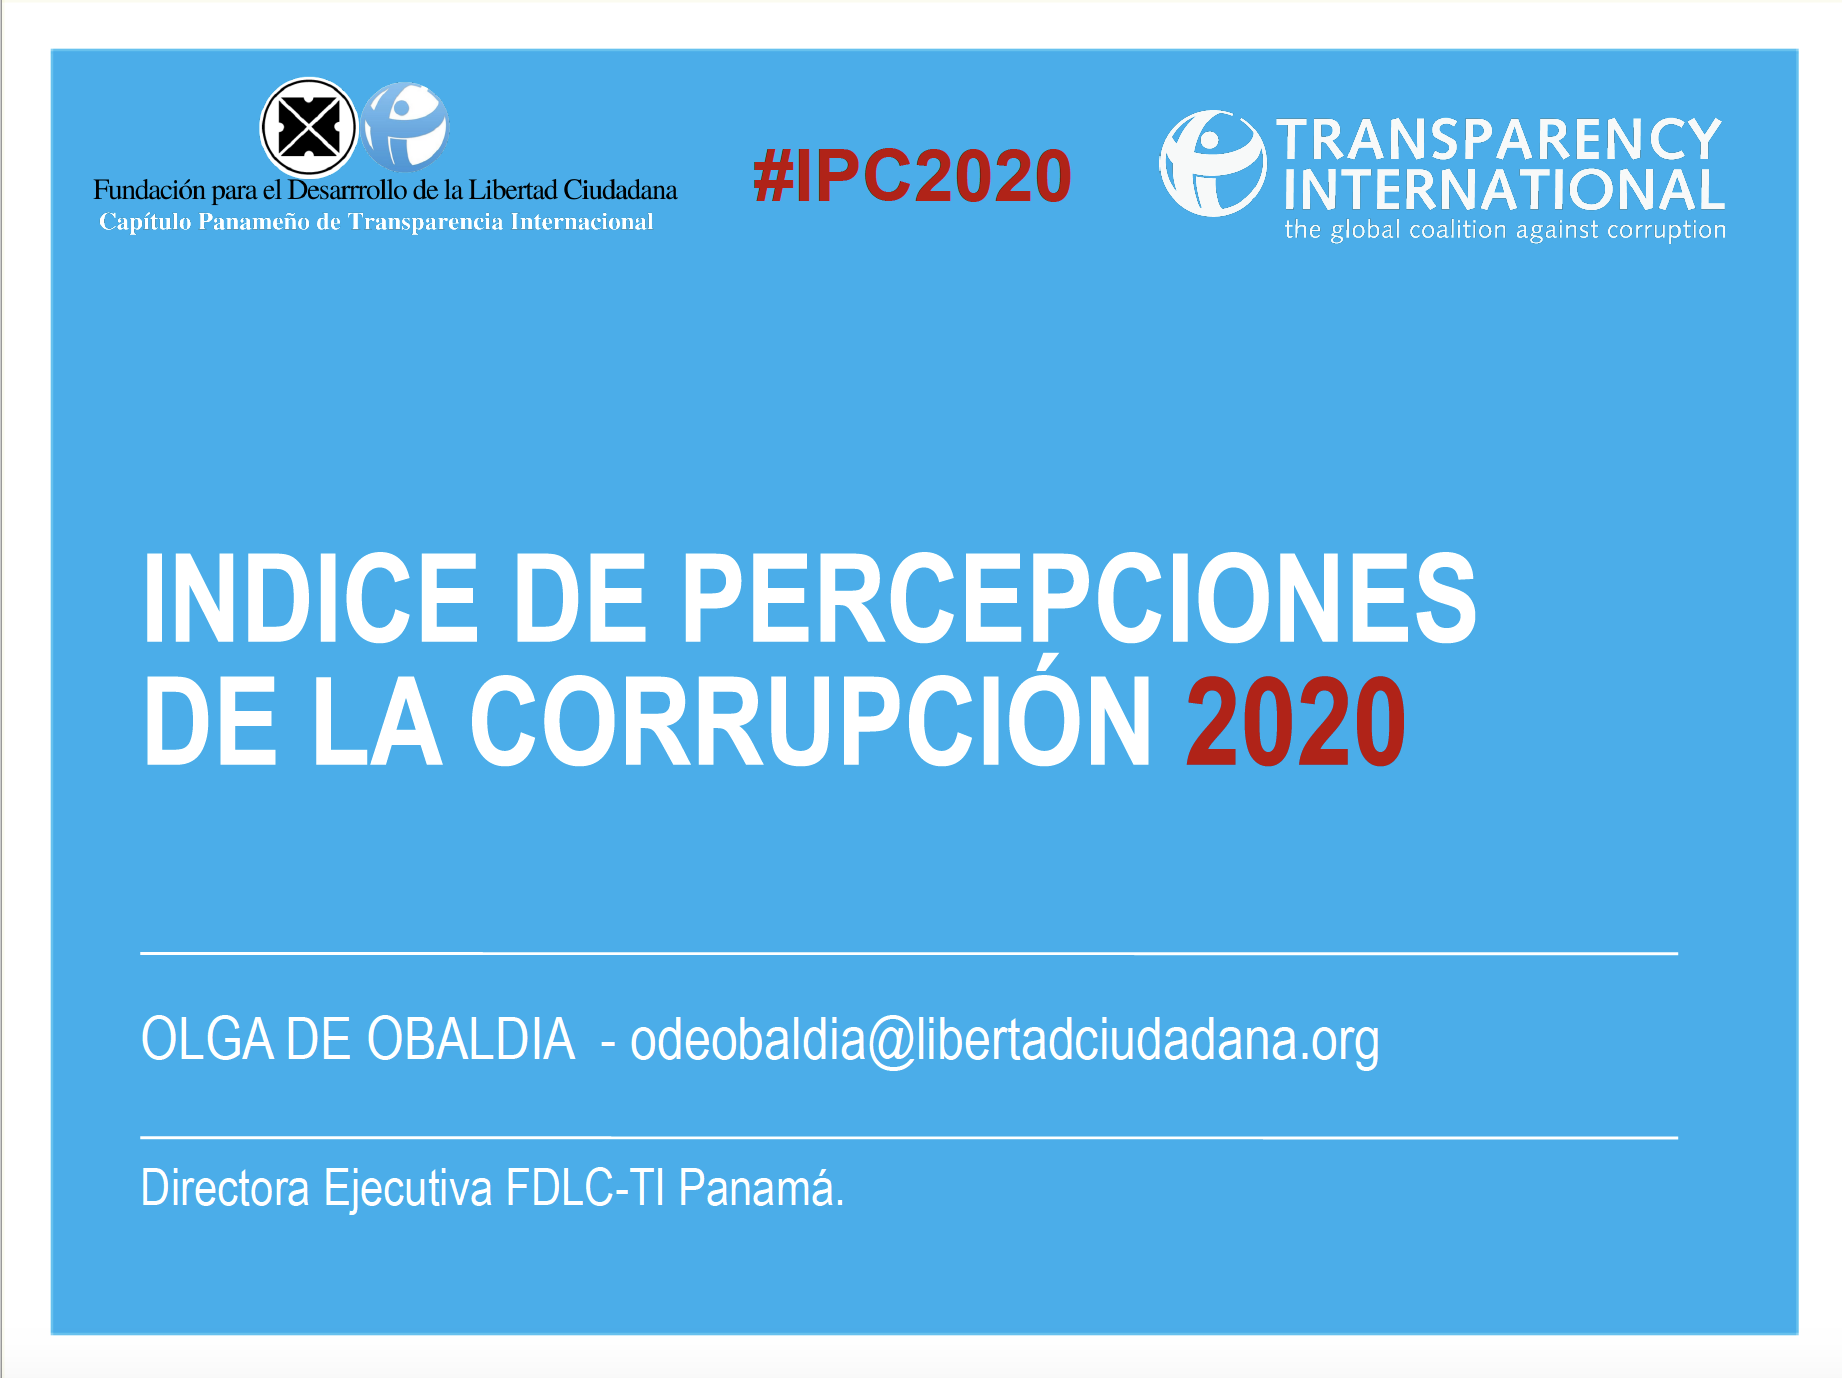 IPC 2020